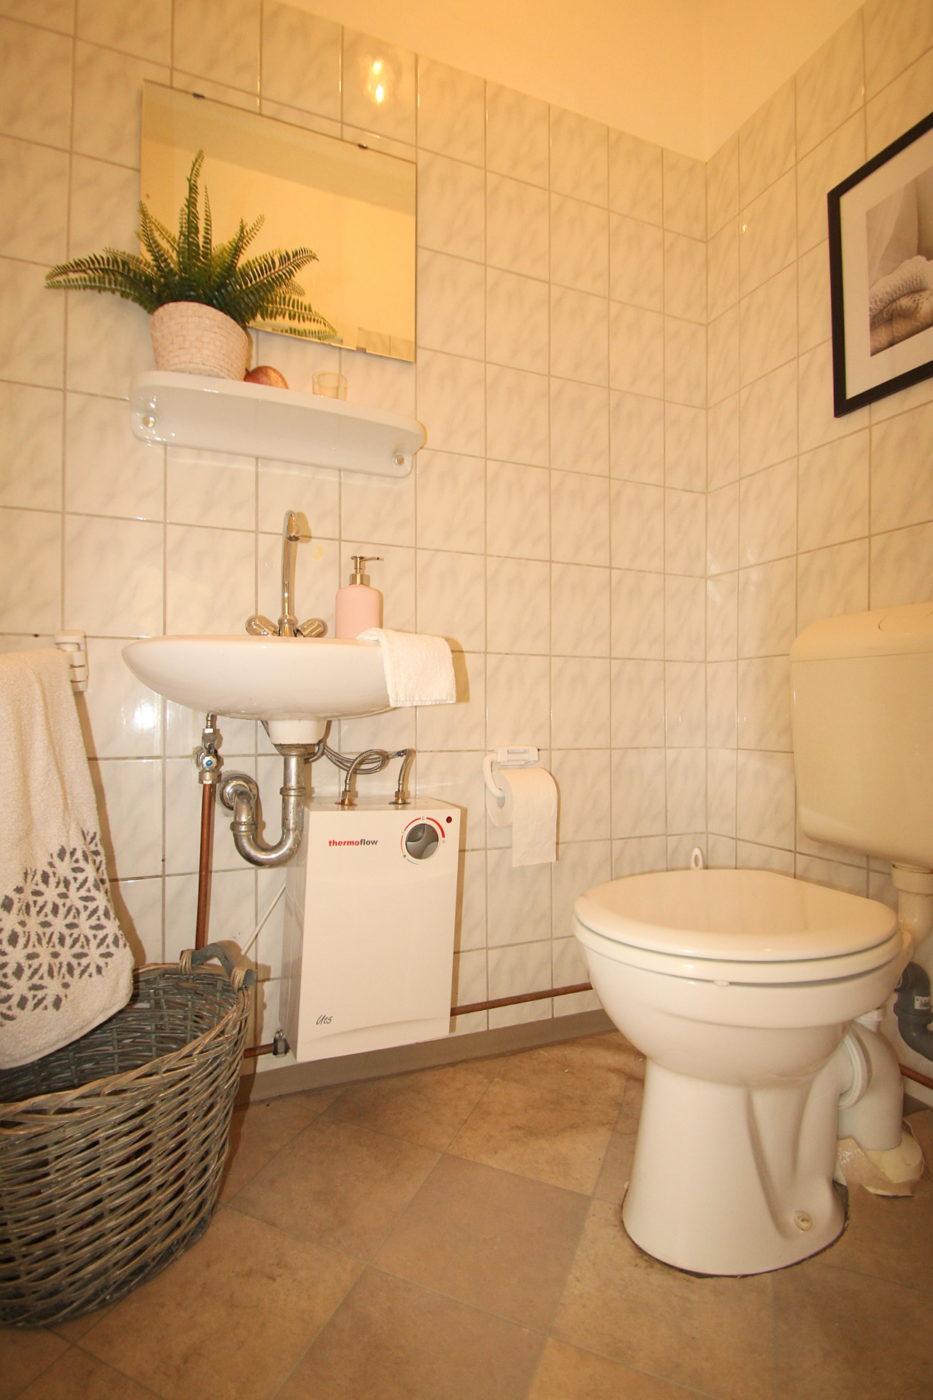 Selbst in die Jahre gekommene Sanitäranlagen lassen sich mit ein wenig Geschick und Dekoration optisch aufwerten. Mit Blickfang Home Staging werden auch kleine Räume in Szene gesetzt